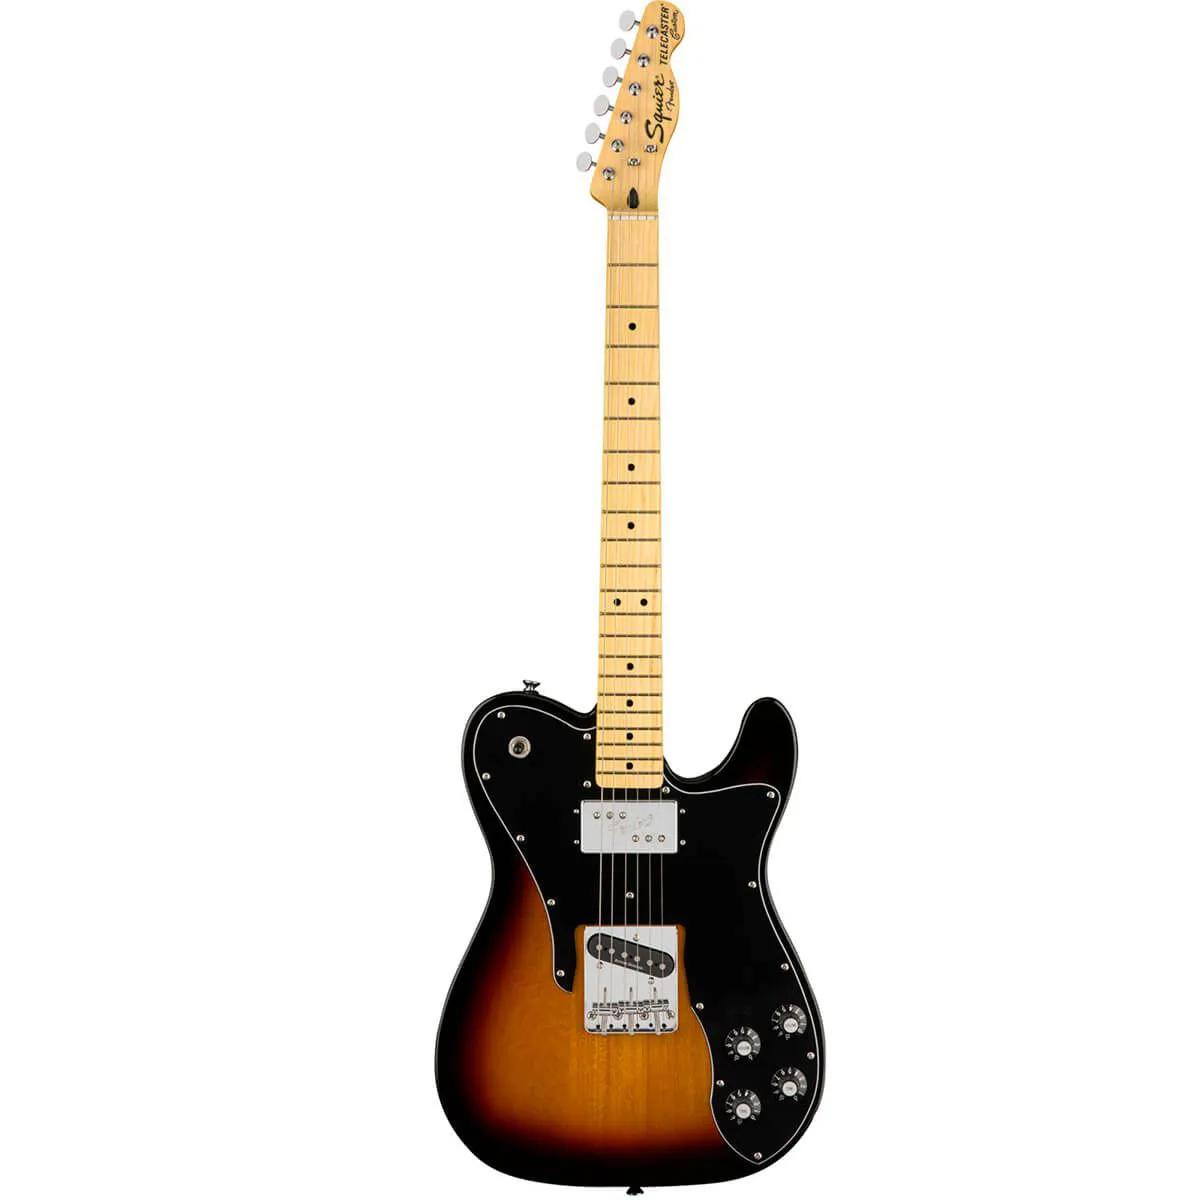 Guitarra Fender Squier Vintage Modified Custom Tele Sunburst